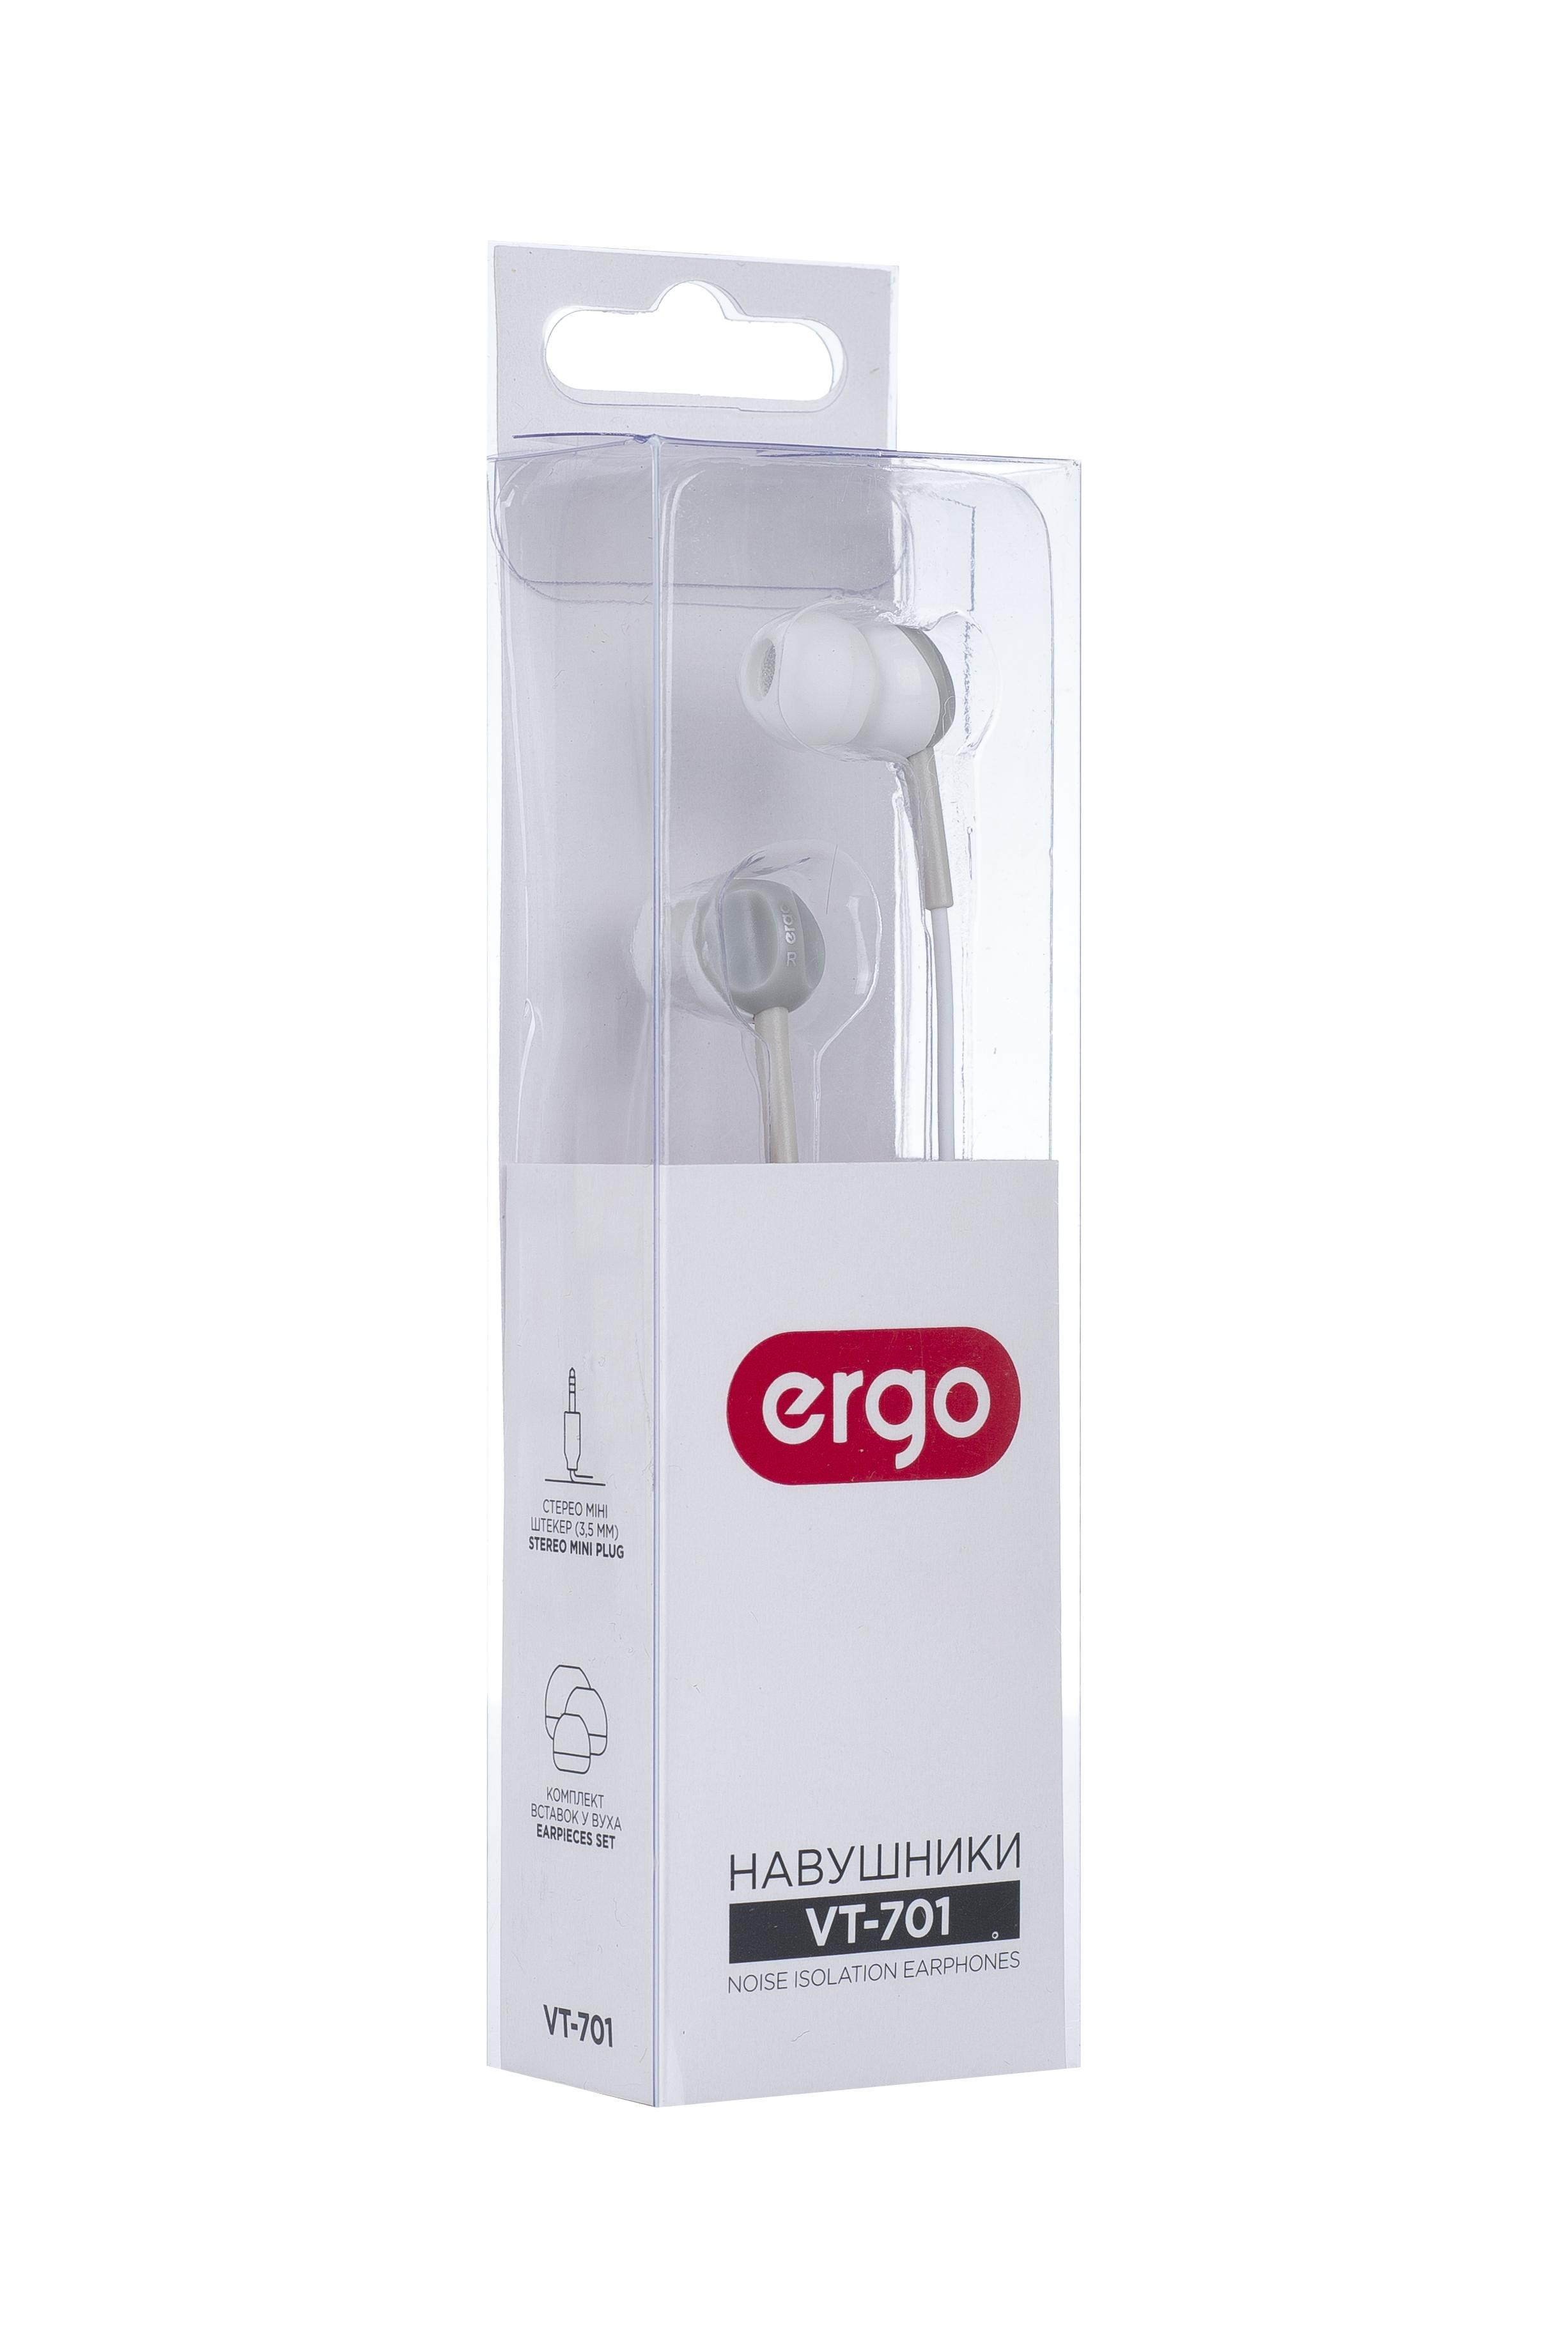 Навушники ERGO VT-701 White  опис a34e06a0ff8f2